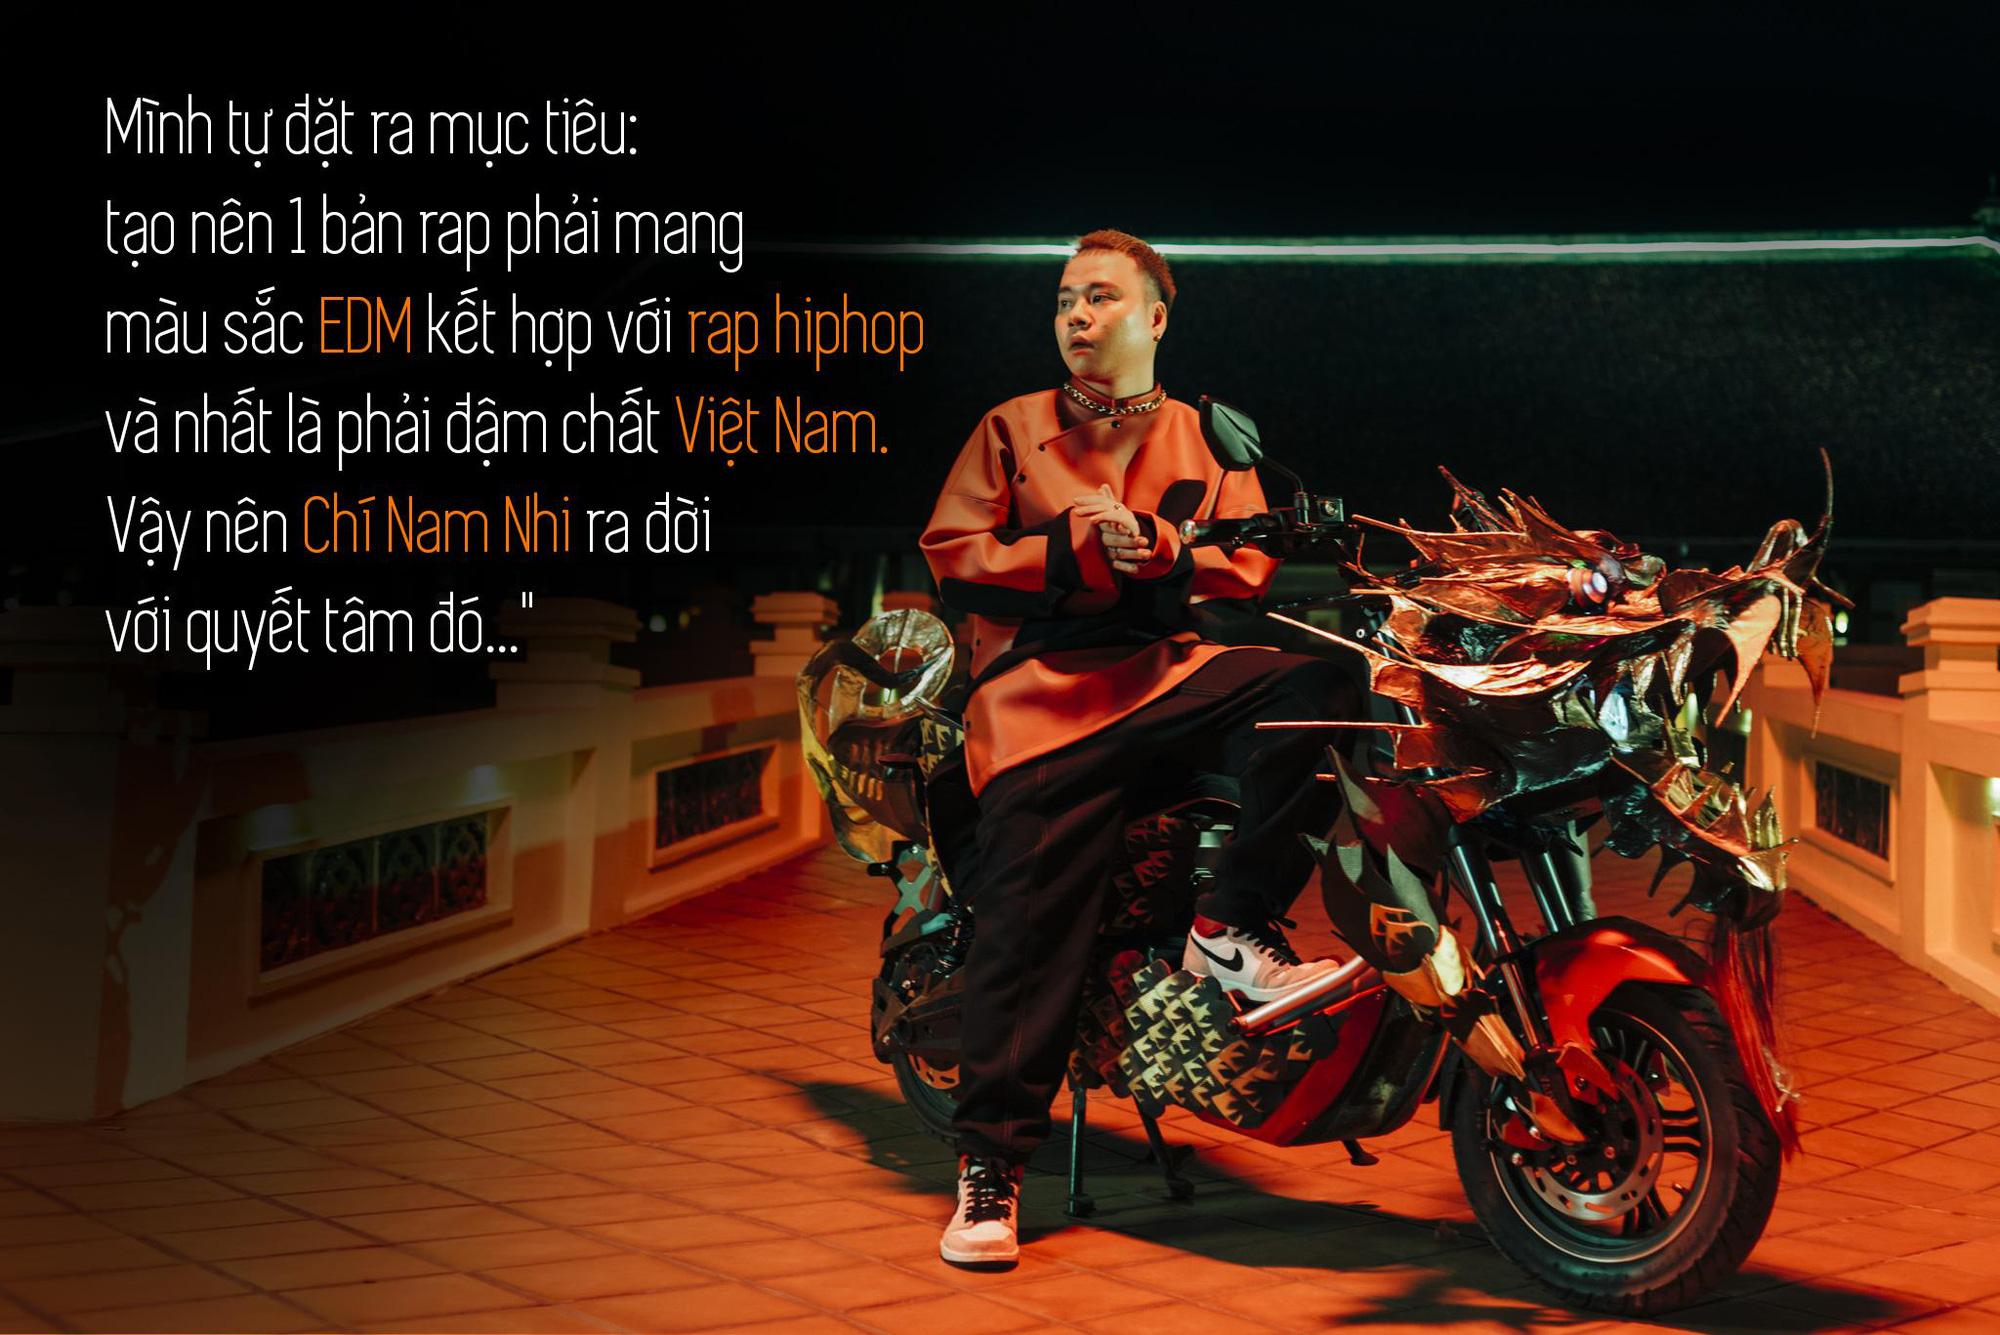 Quân R.E.V trải lòng sau MV Chí Nam Nhi: Tôi tự đẩy mình vào thử thách, làm rap nhưng phải đậm chất Việt Nam - Ảnh 1.